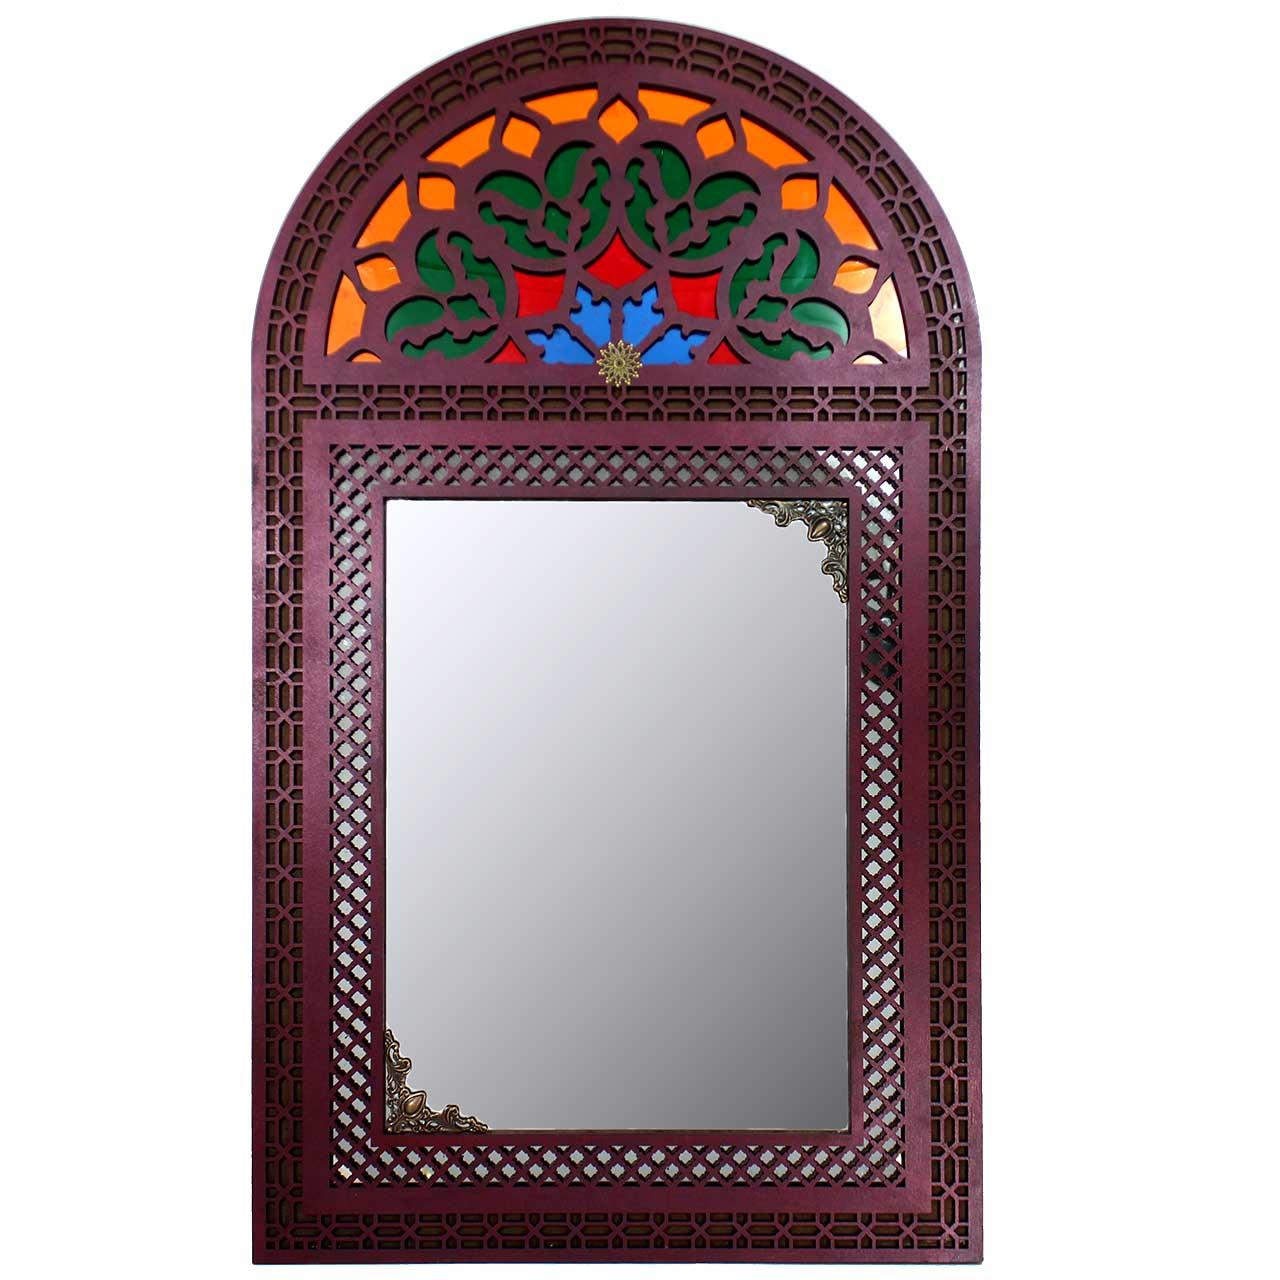 آینه دست نگار مدل پنجره سنتی کد 49.5